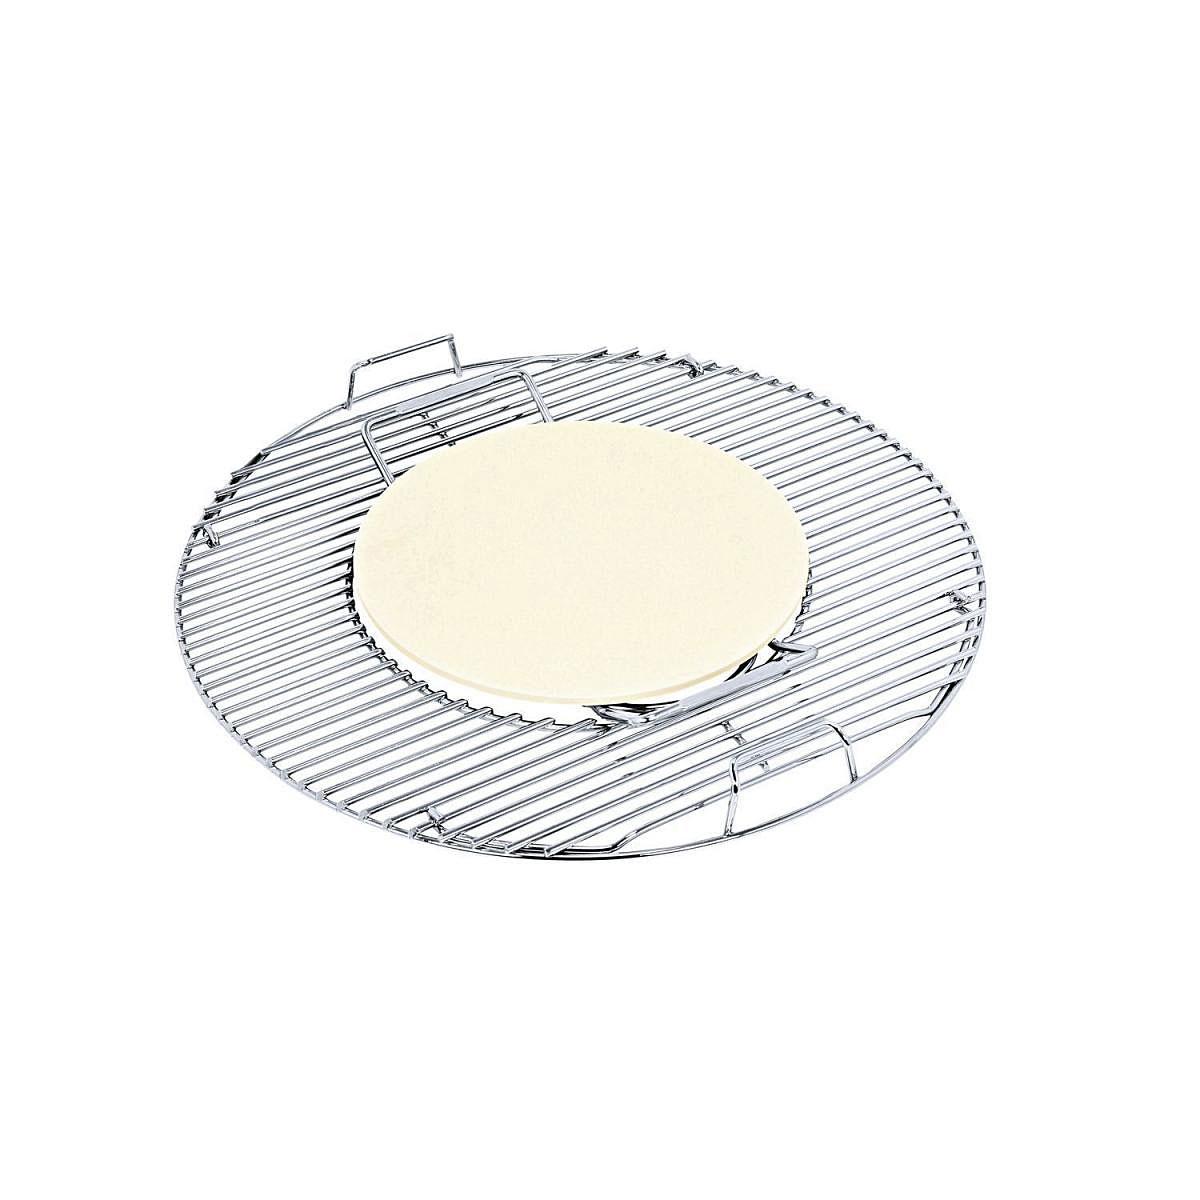 Rothmann Grillrosteinsatz, Pizzastein, 30 cm